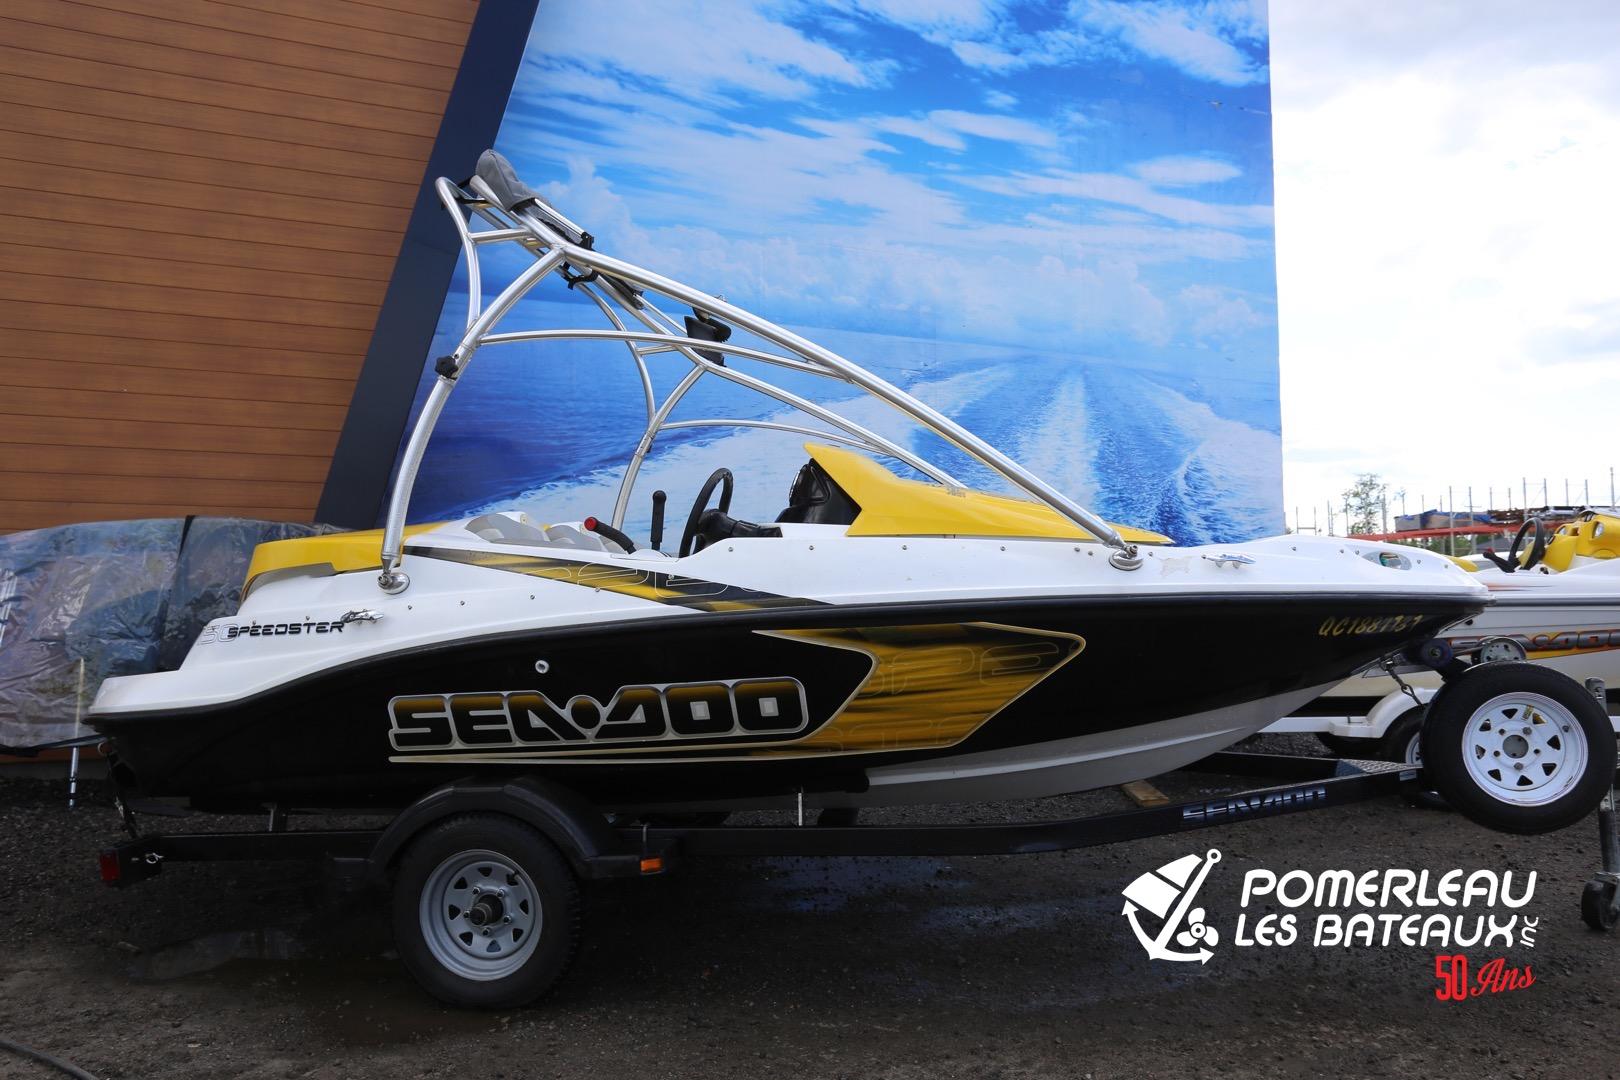 Sea-Doo/BRP Speedster 150